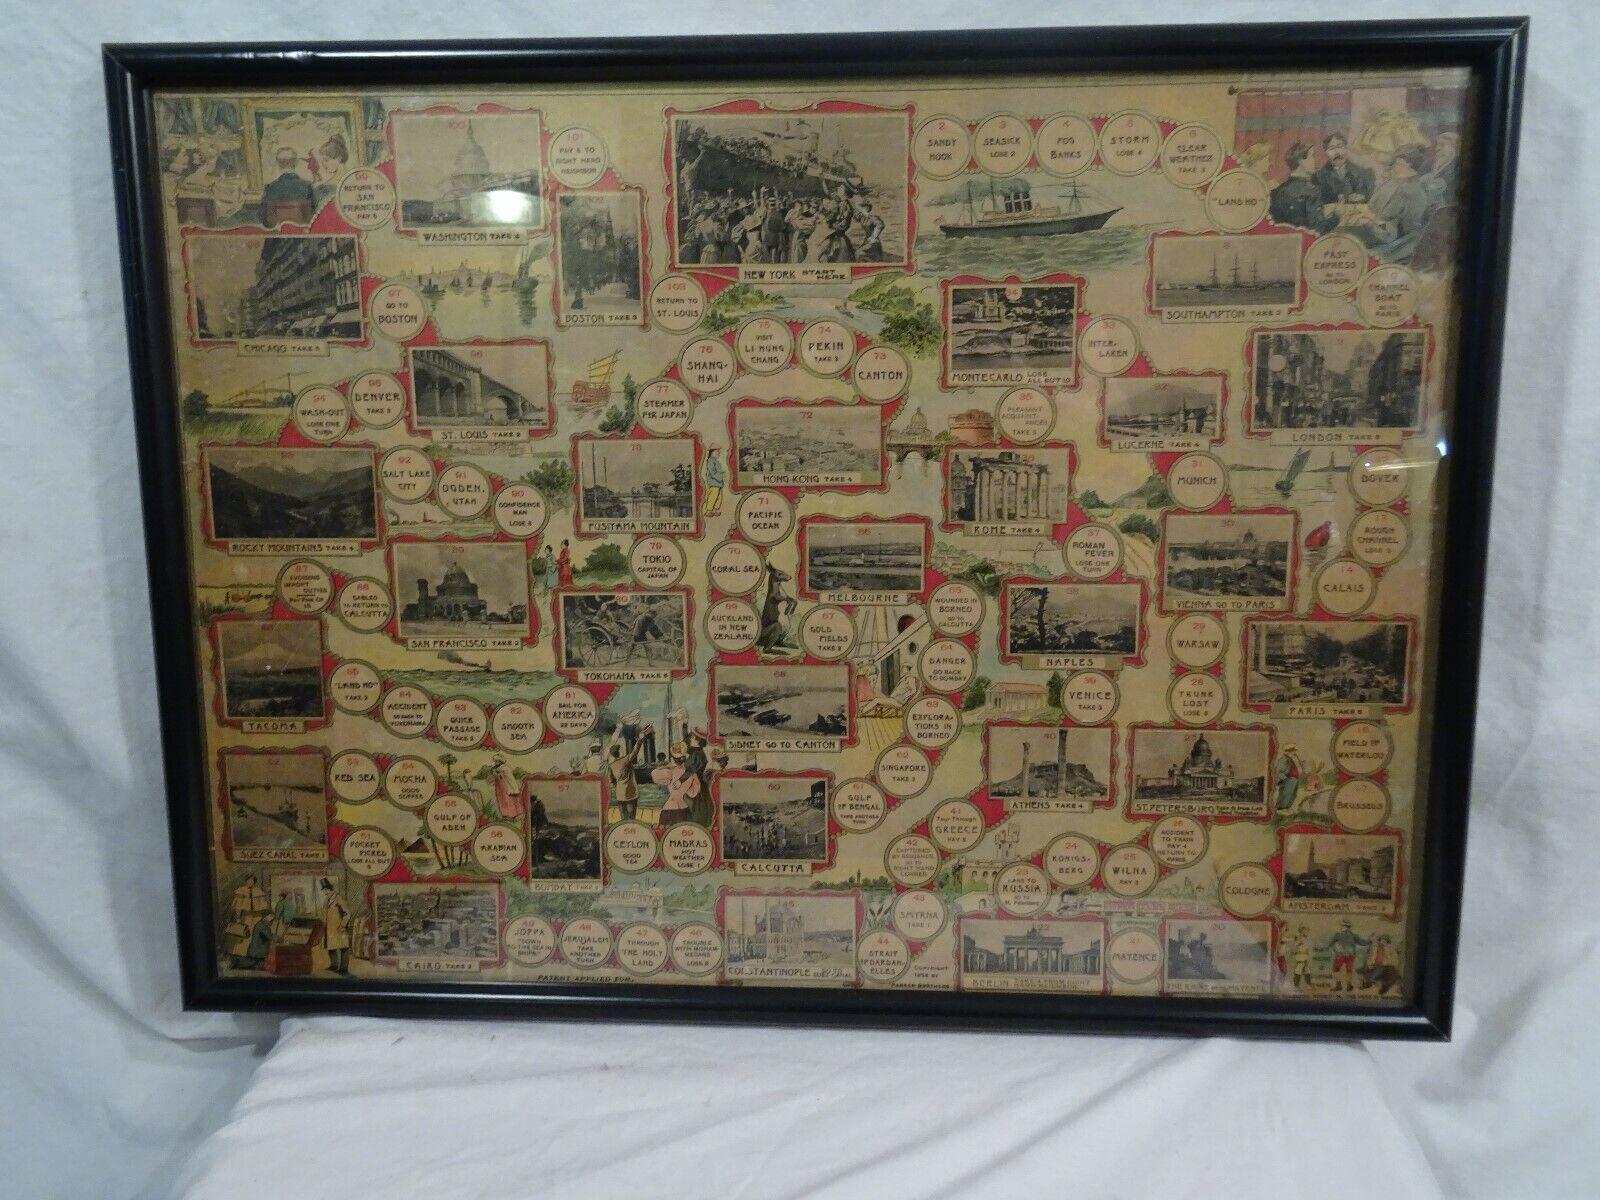 Antigüedad 1896 Parker Brojohers un viaje alrojoedor del mundo tablero de juego 23  X 17